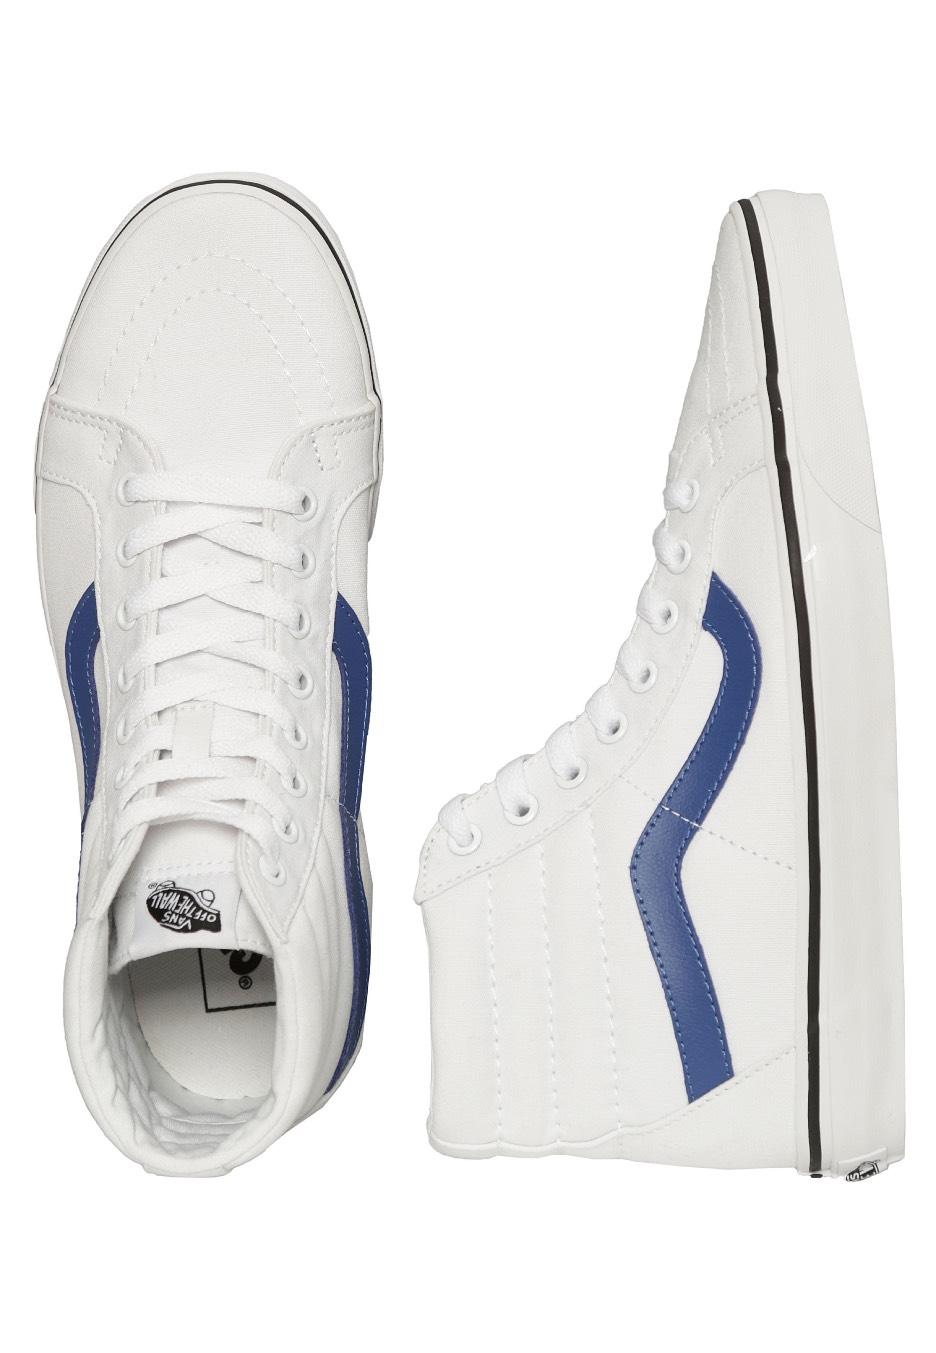 fb091c57e6 Vans - Sk8-Hi Reissue Canvas True White True Blue - Shoes - Impericon.com UK